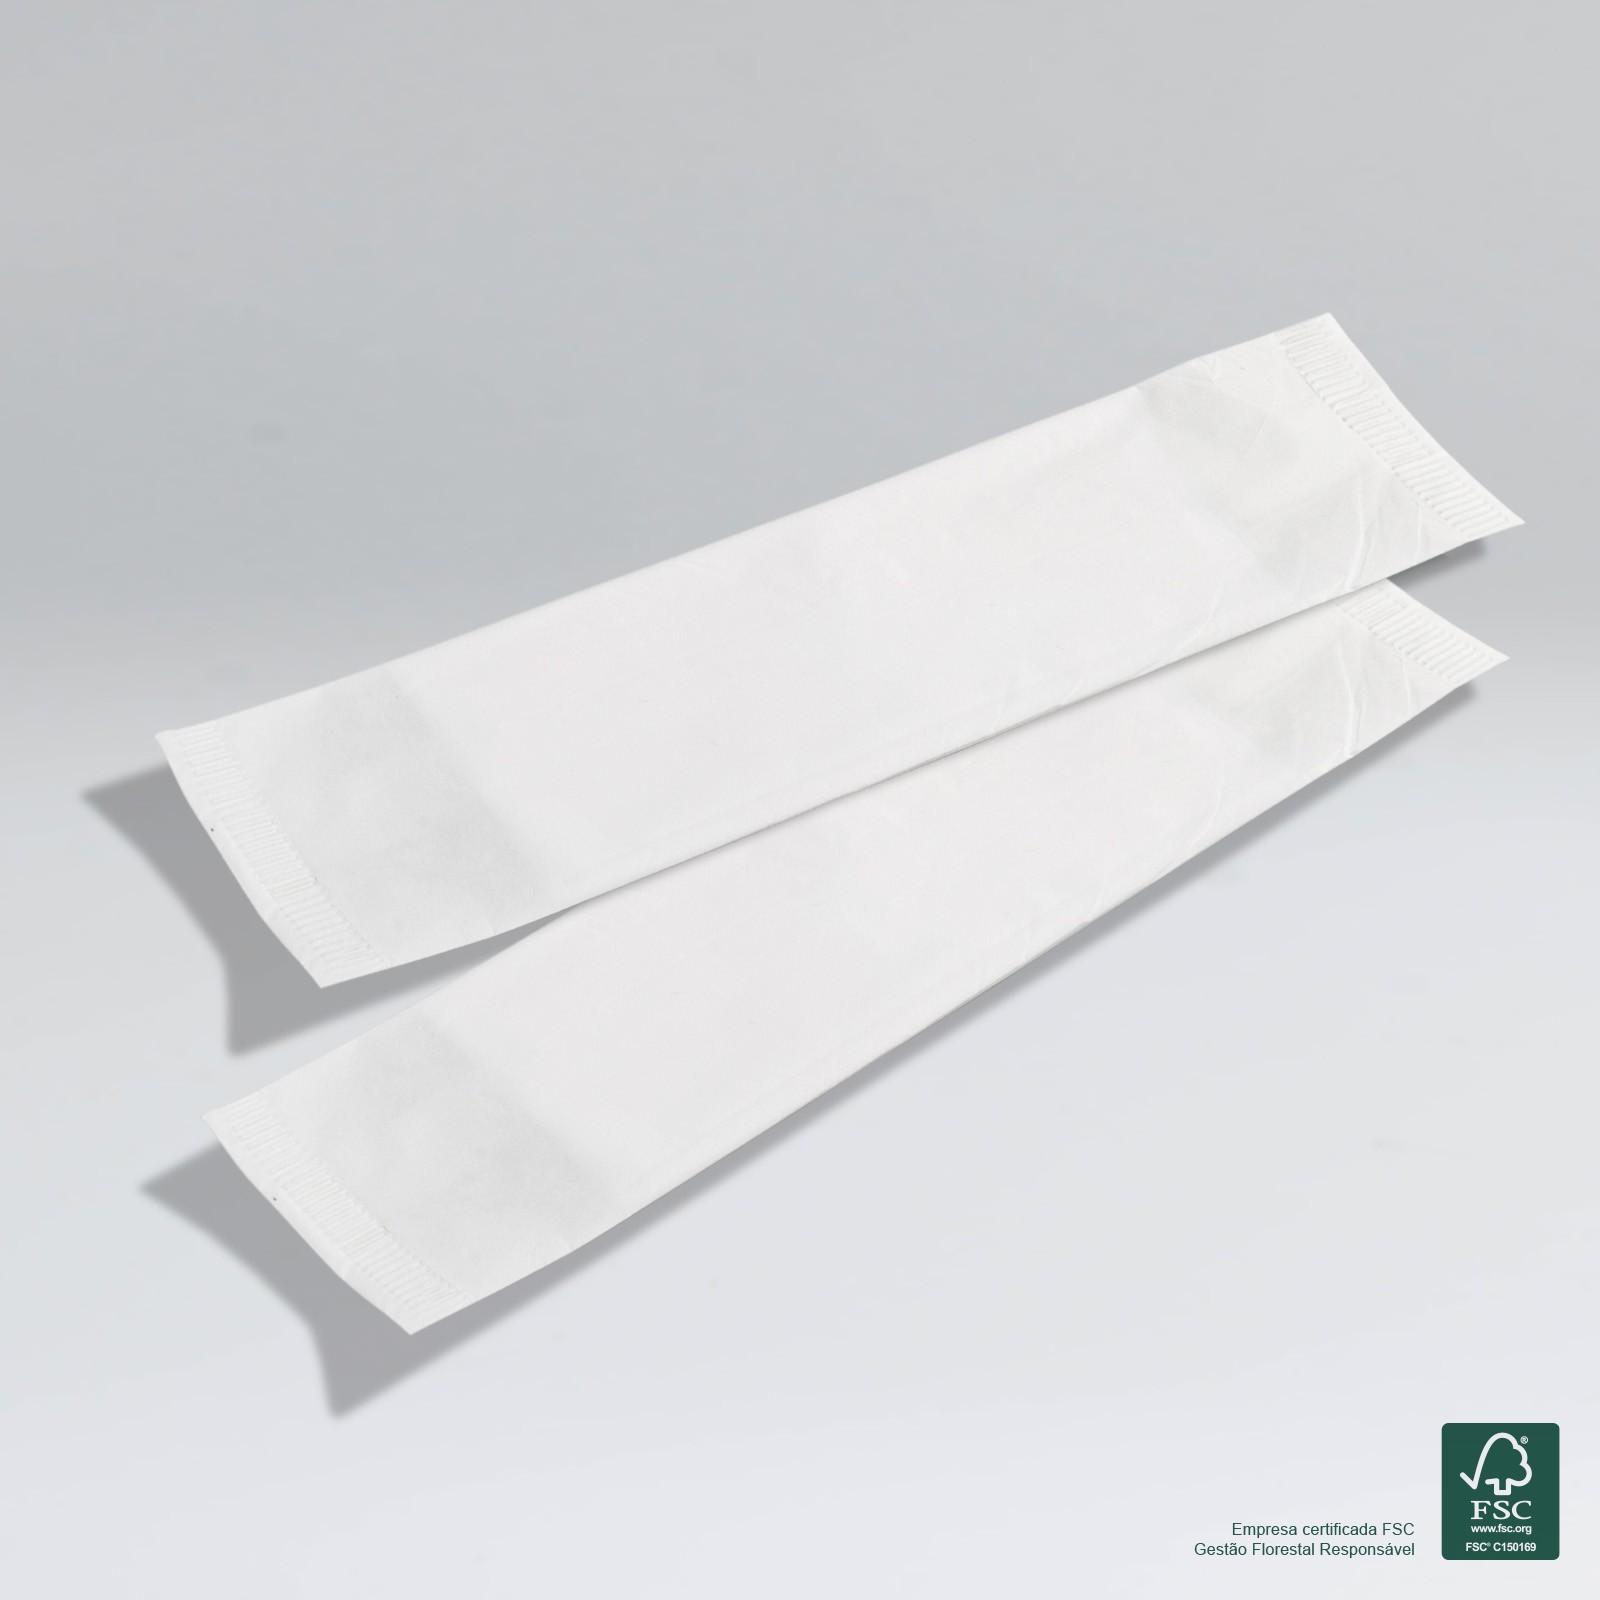 Guardanapo em Sachê de Papel - 2 Guardanapos Grandes - Folha Simples - 30x14cm - 2400 Sachês  - Scalashop